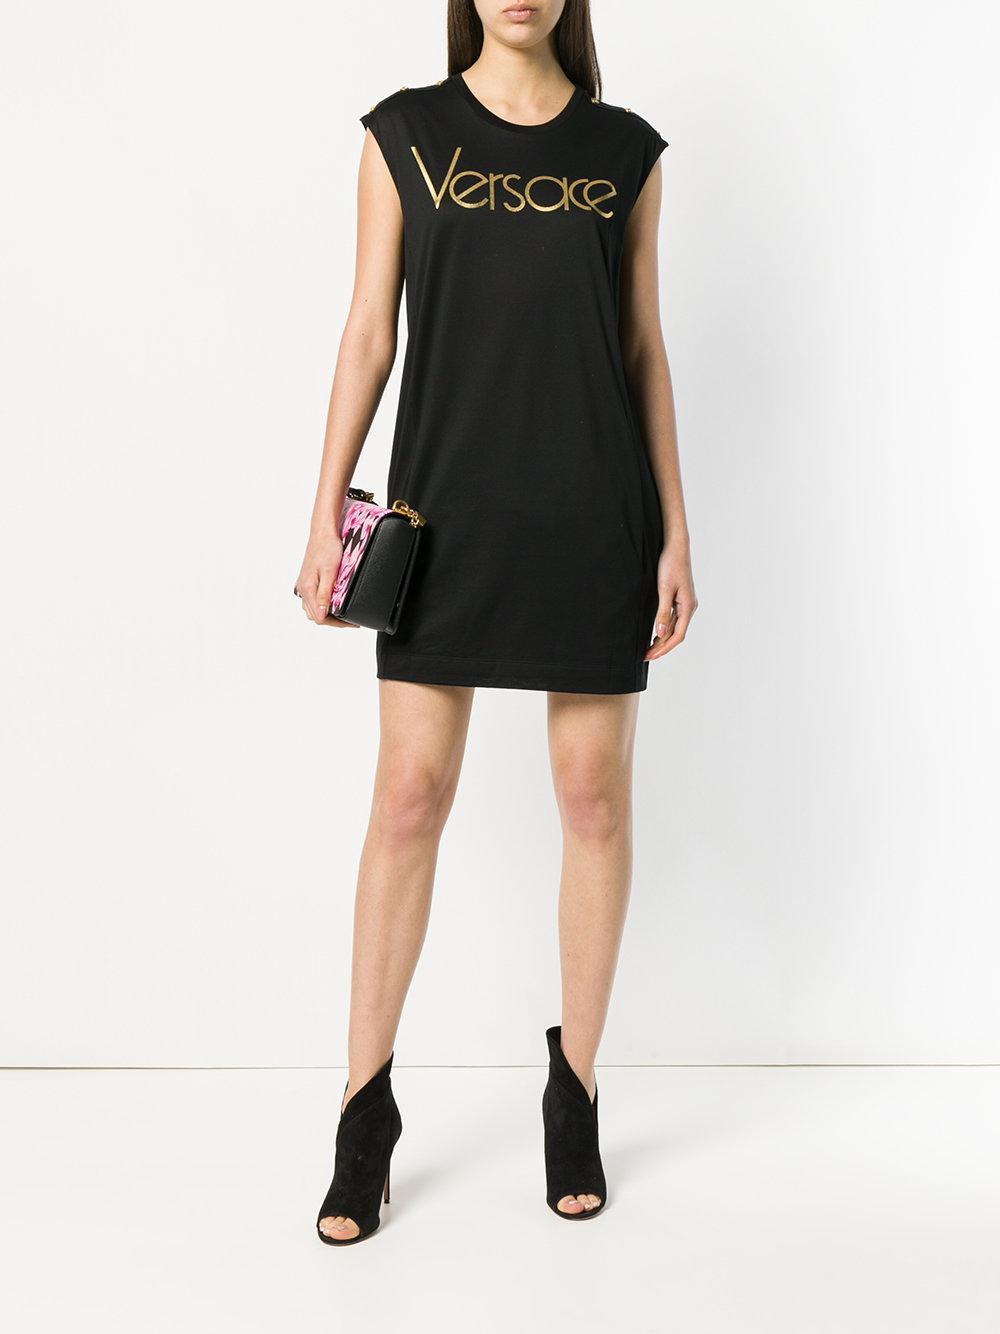 Vestido estilo camiseta con logo Versace de Algodón de color Negro